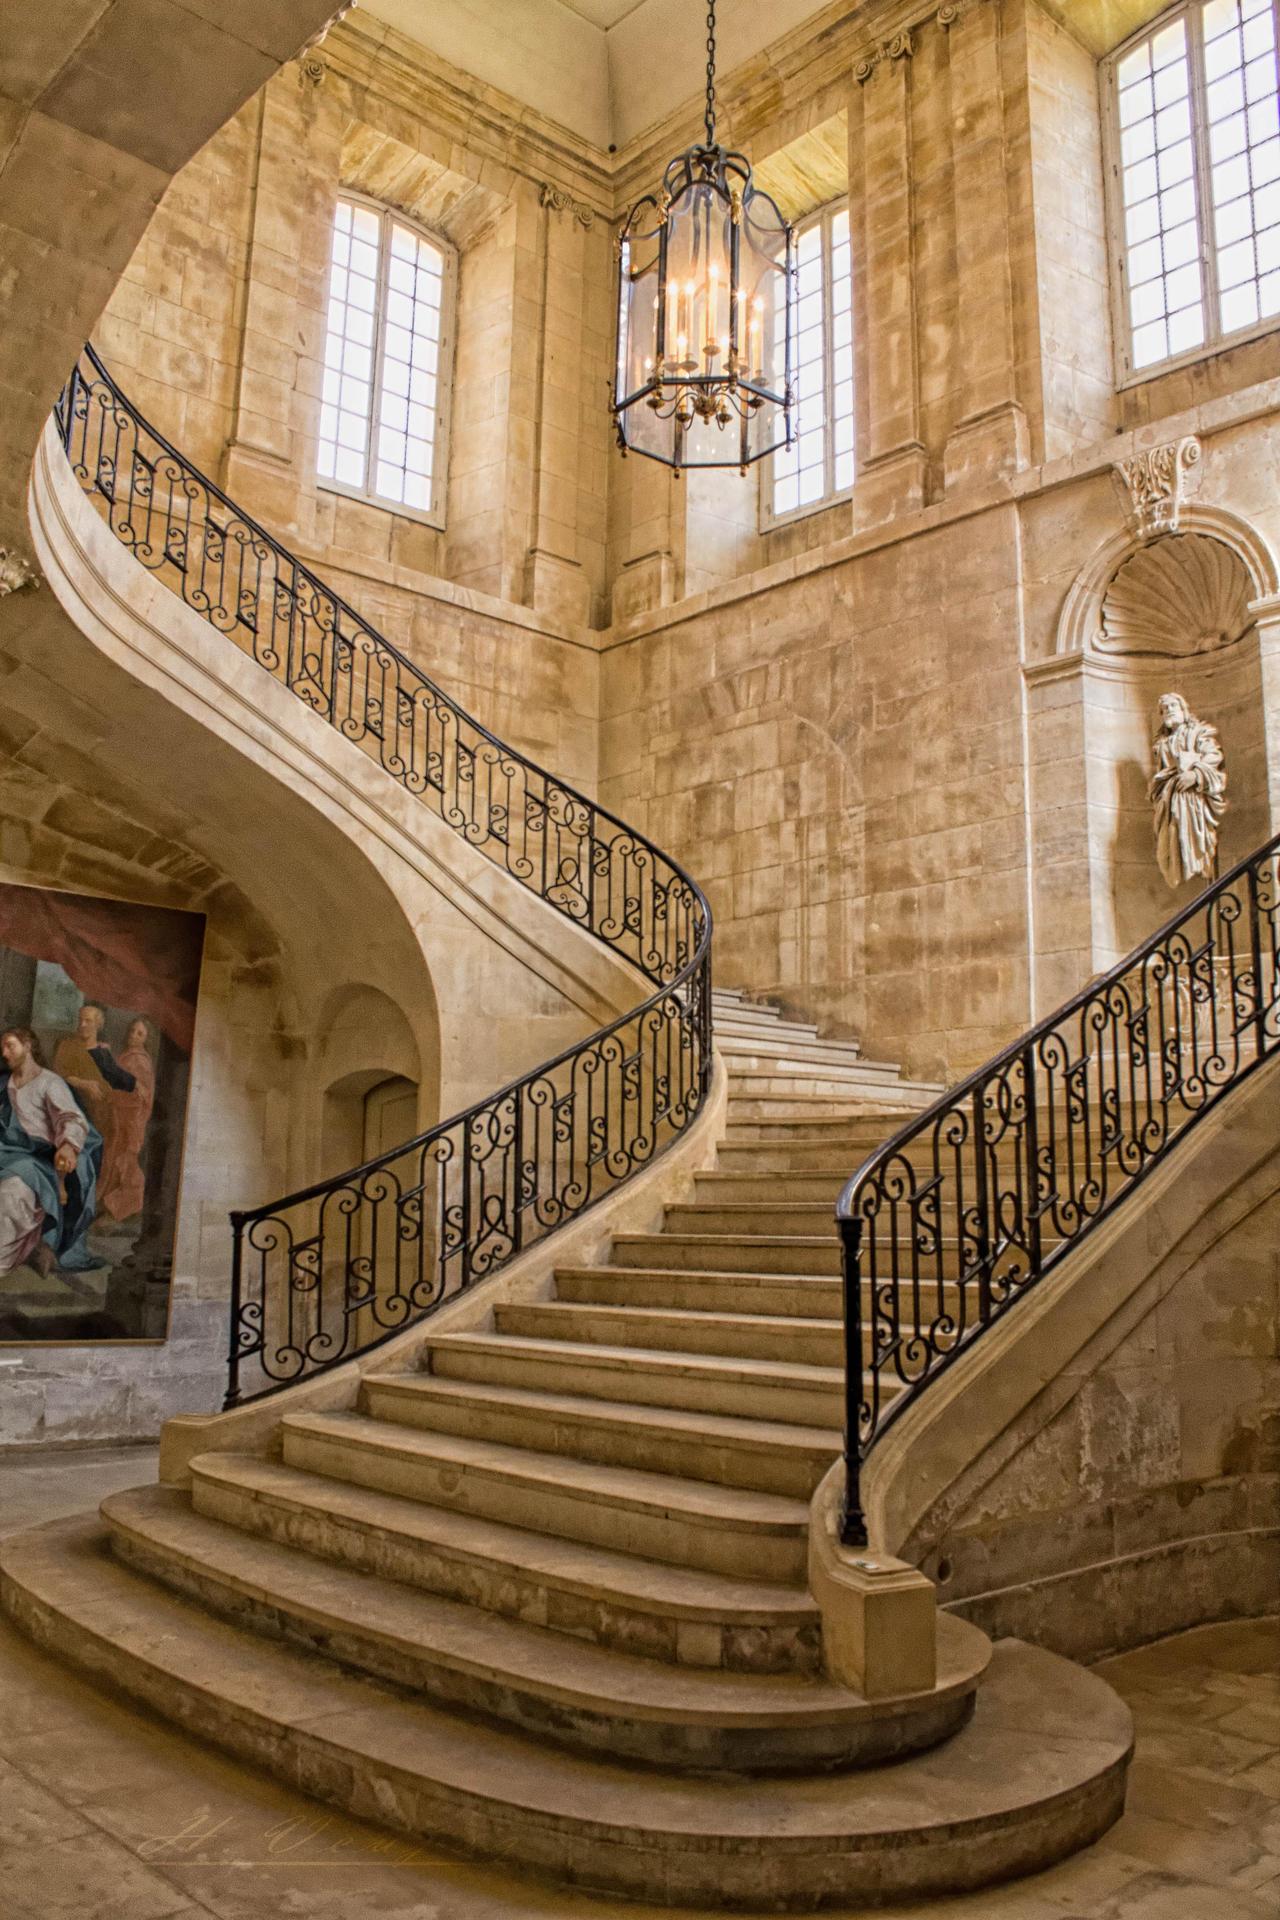 Escalier13cg Calvados by hubert61